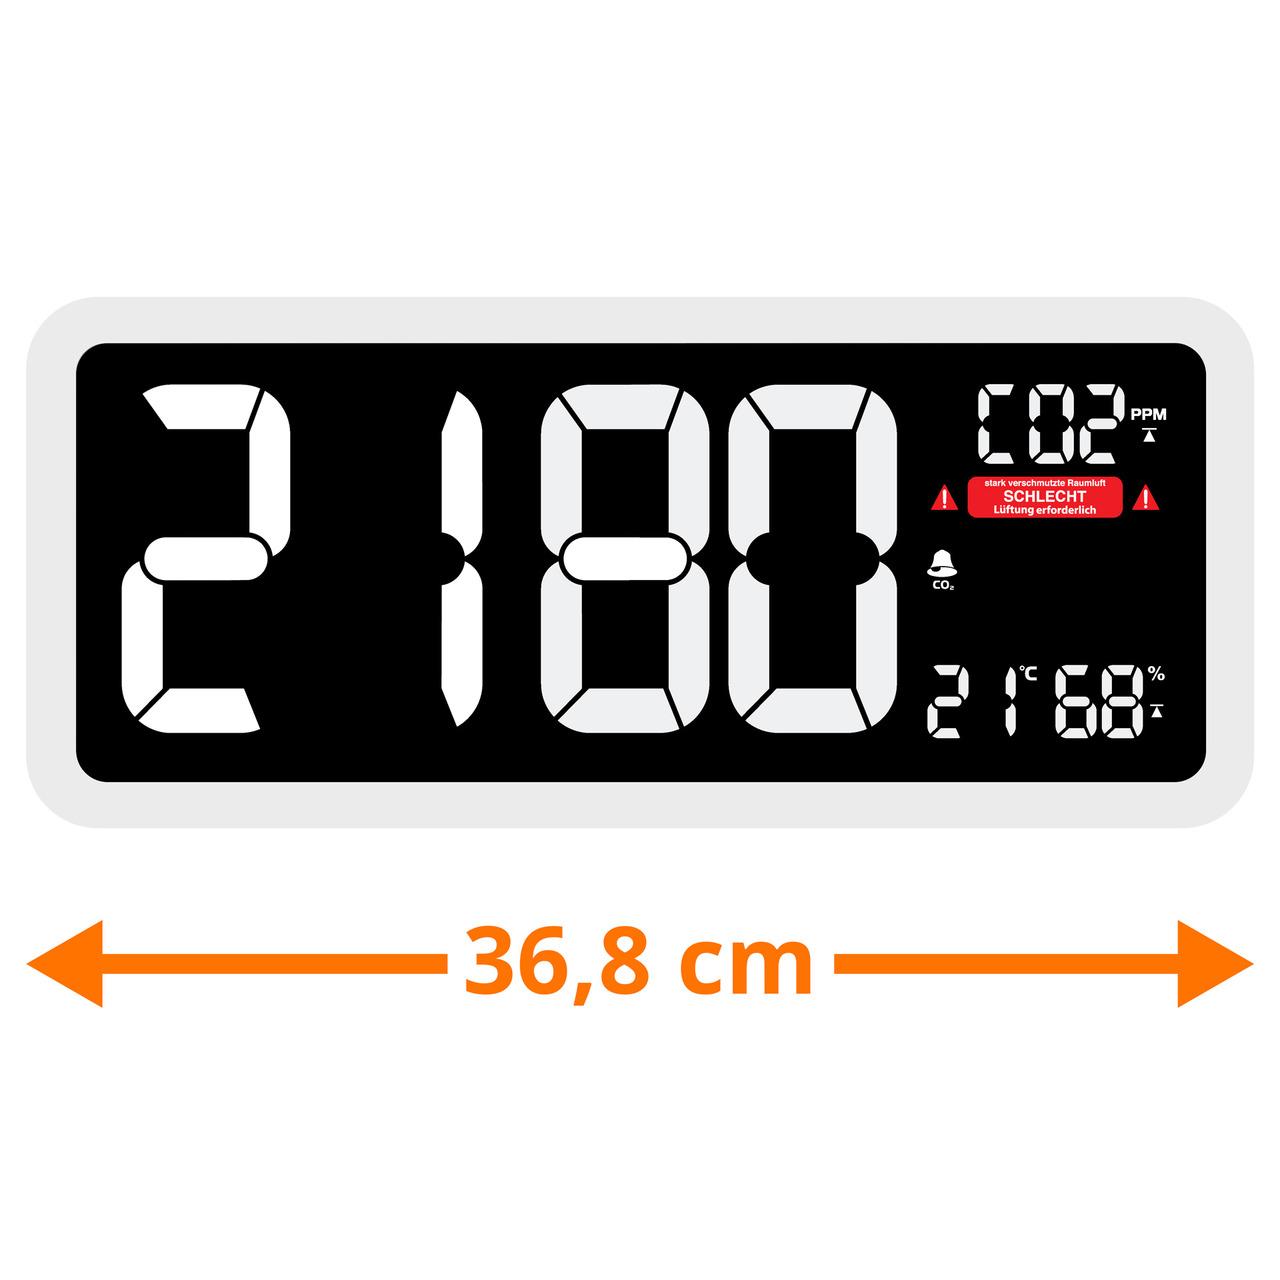 technoline CO2-Messgerät im XXL-Wanduhr-Design WL1040- Kohlendioxid- mit grafischer Ampel-Anzeige